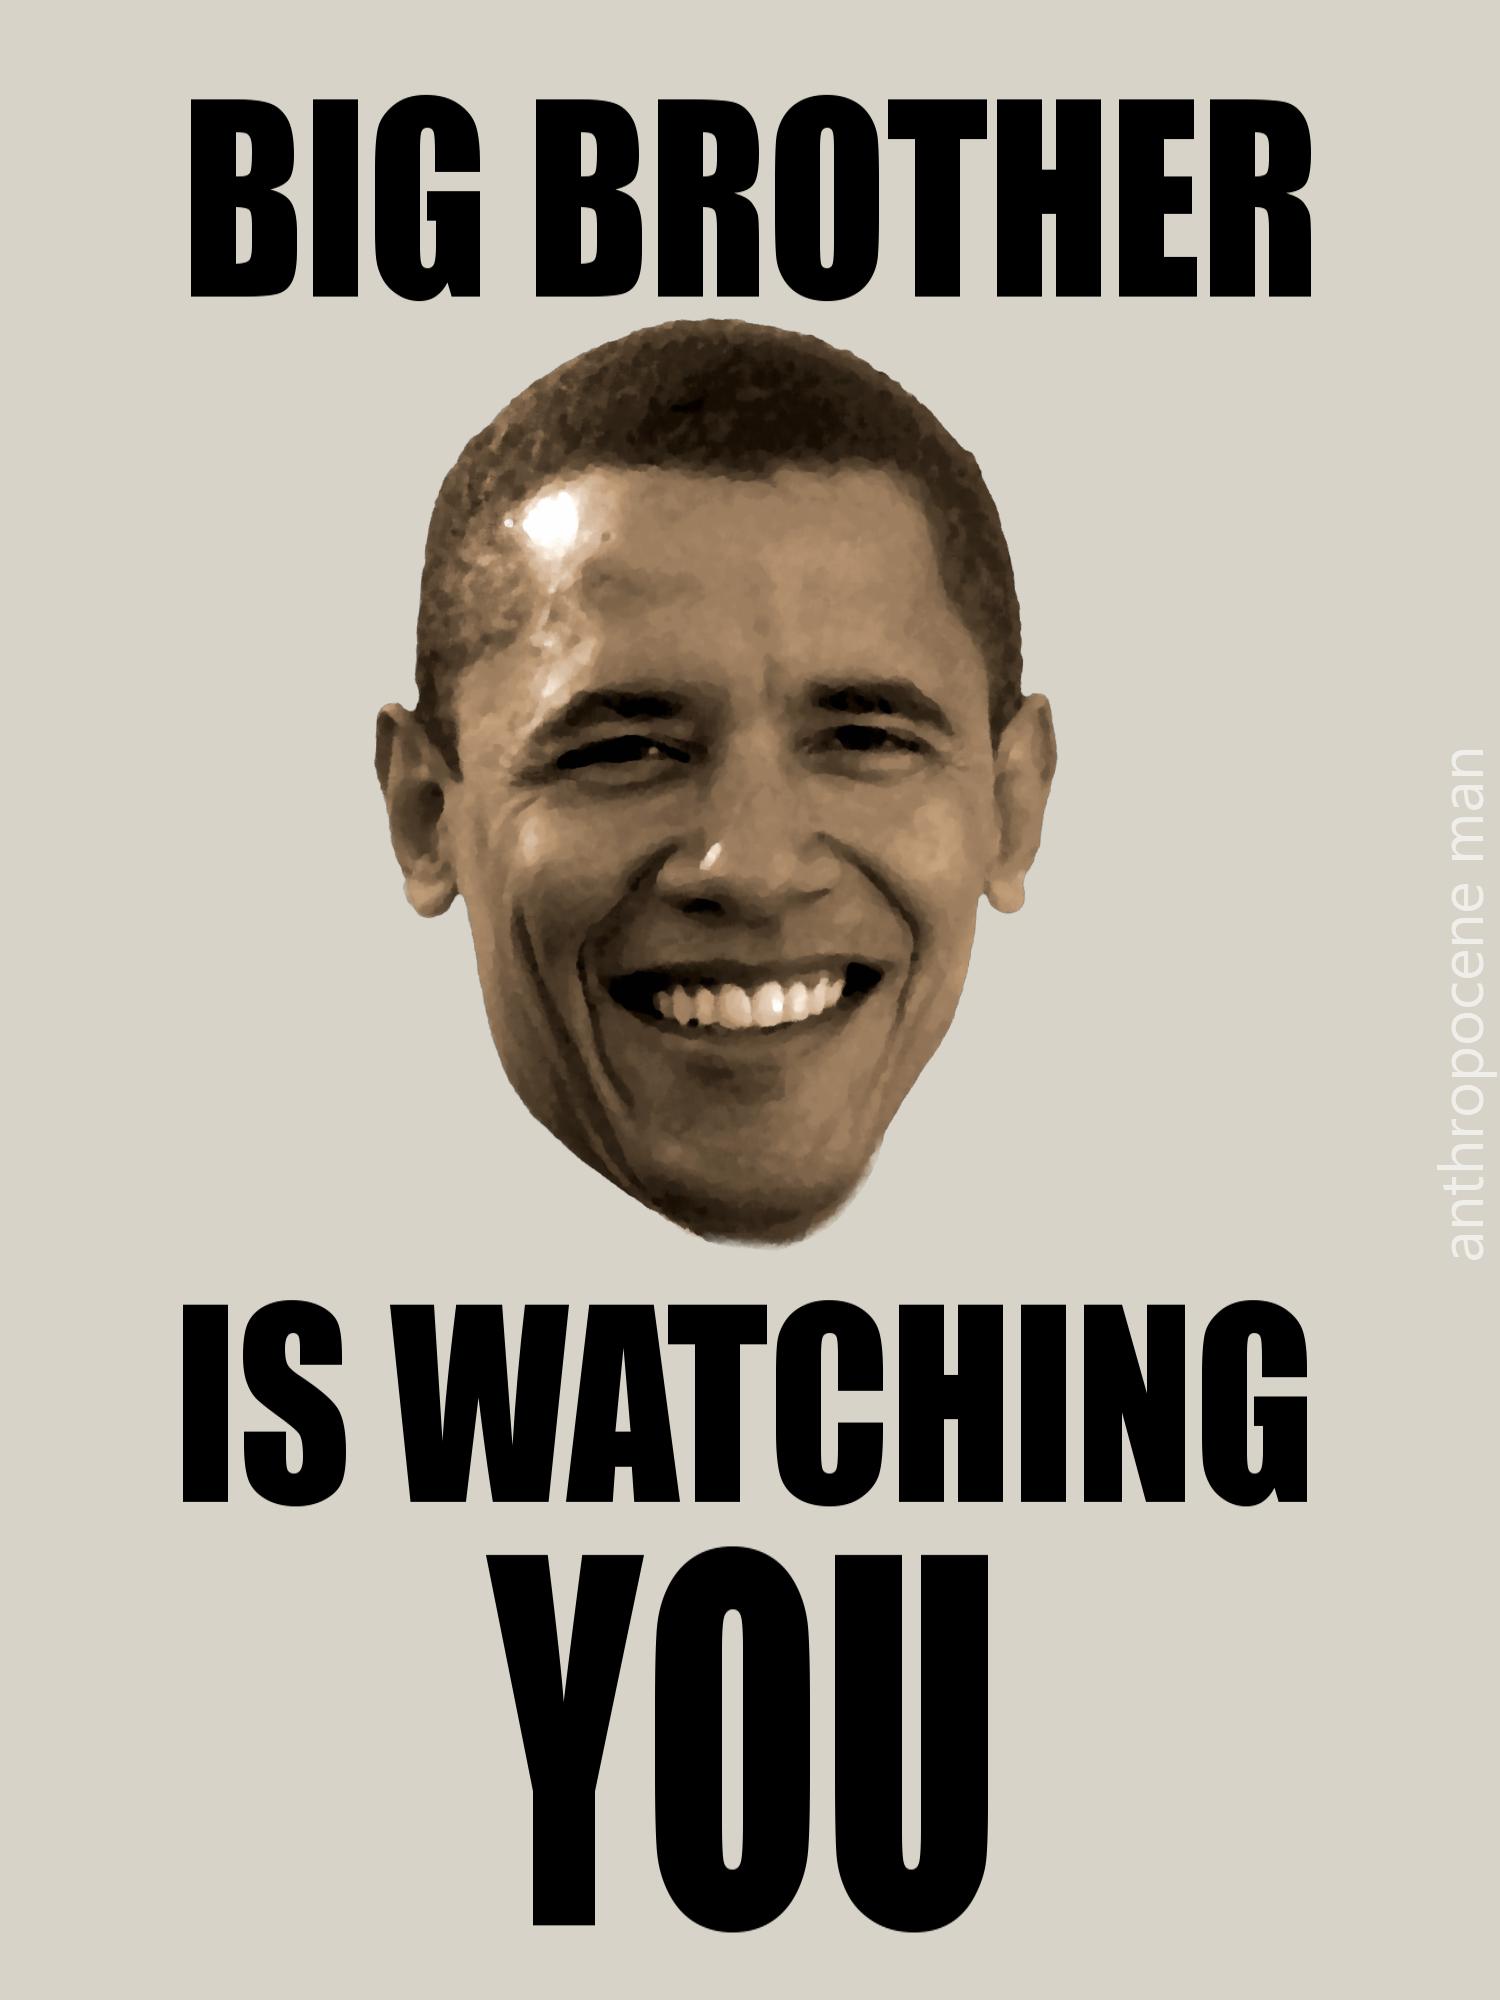 Big Brother Barack Obama Know Your Meme